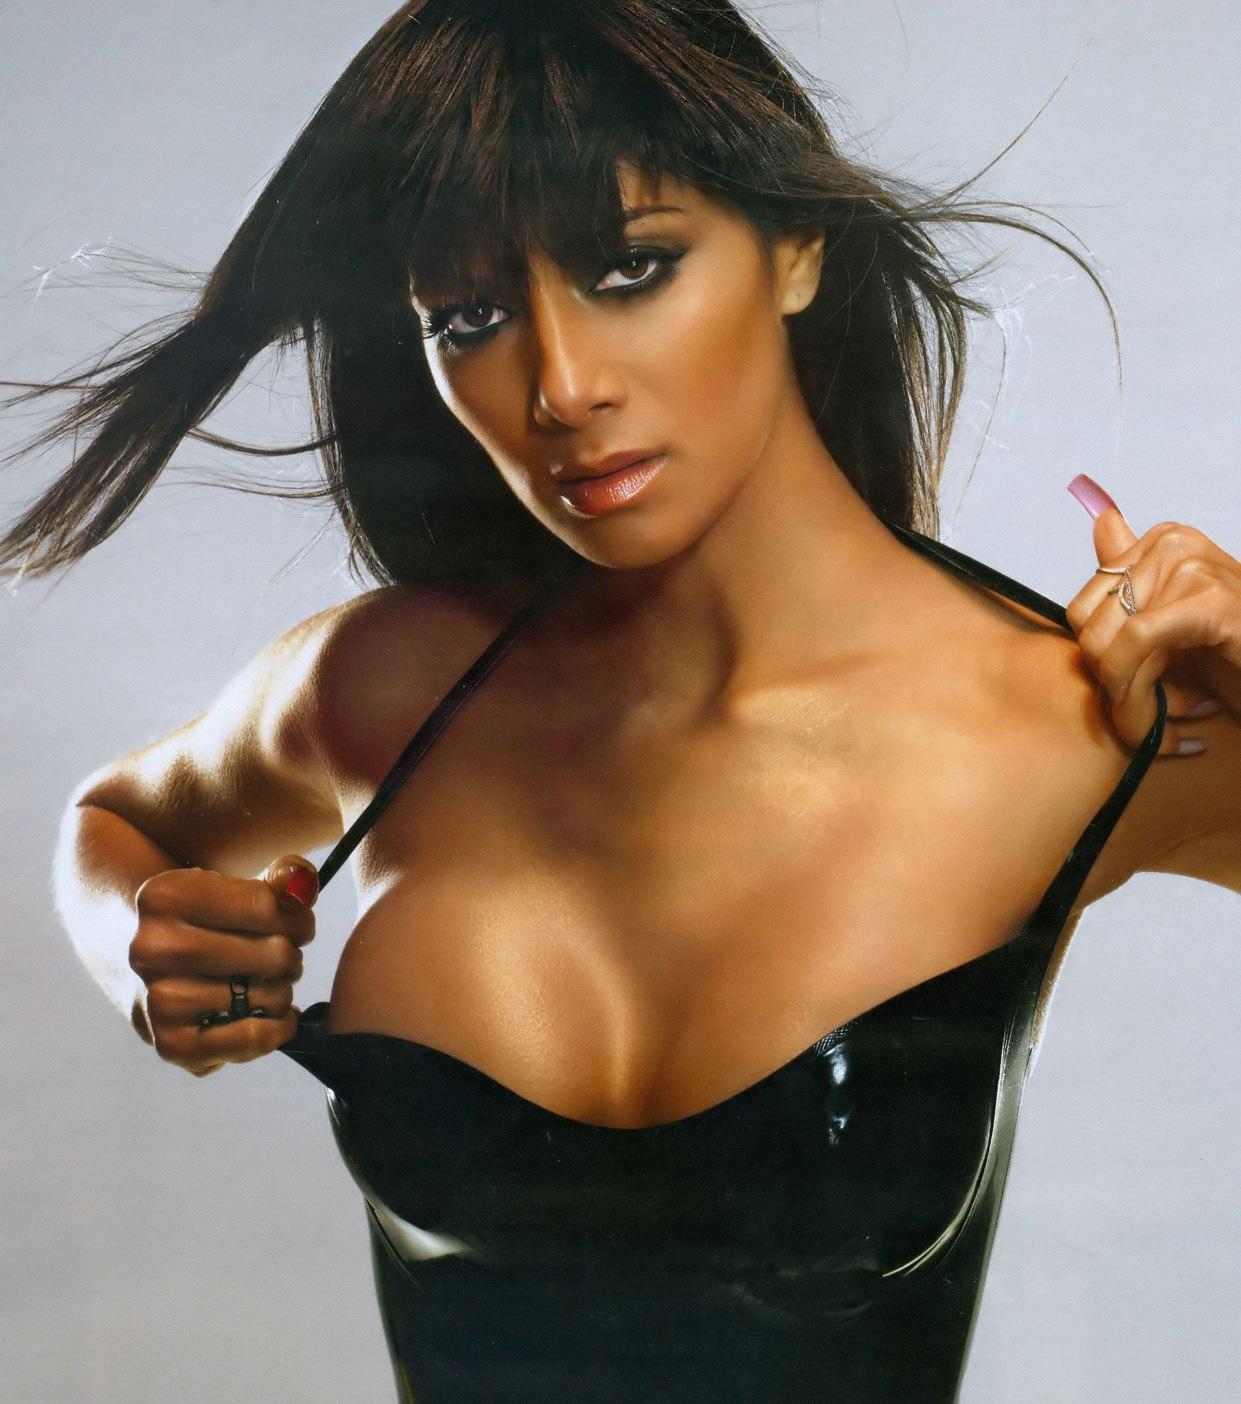 http://3.bp.blogspot.com/-qj6P2KoqjGU/T8CwKvP6O2I/AAAAAAAANQ8/NOW7cwg62b8/s1600/nicole_scherzinger_hot_pictures7.jpg